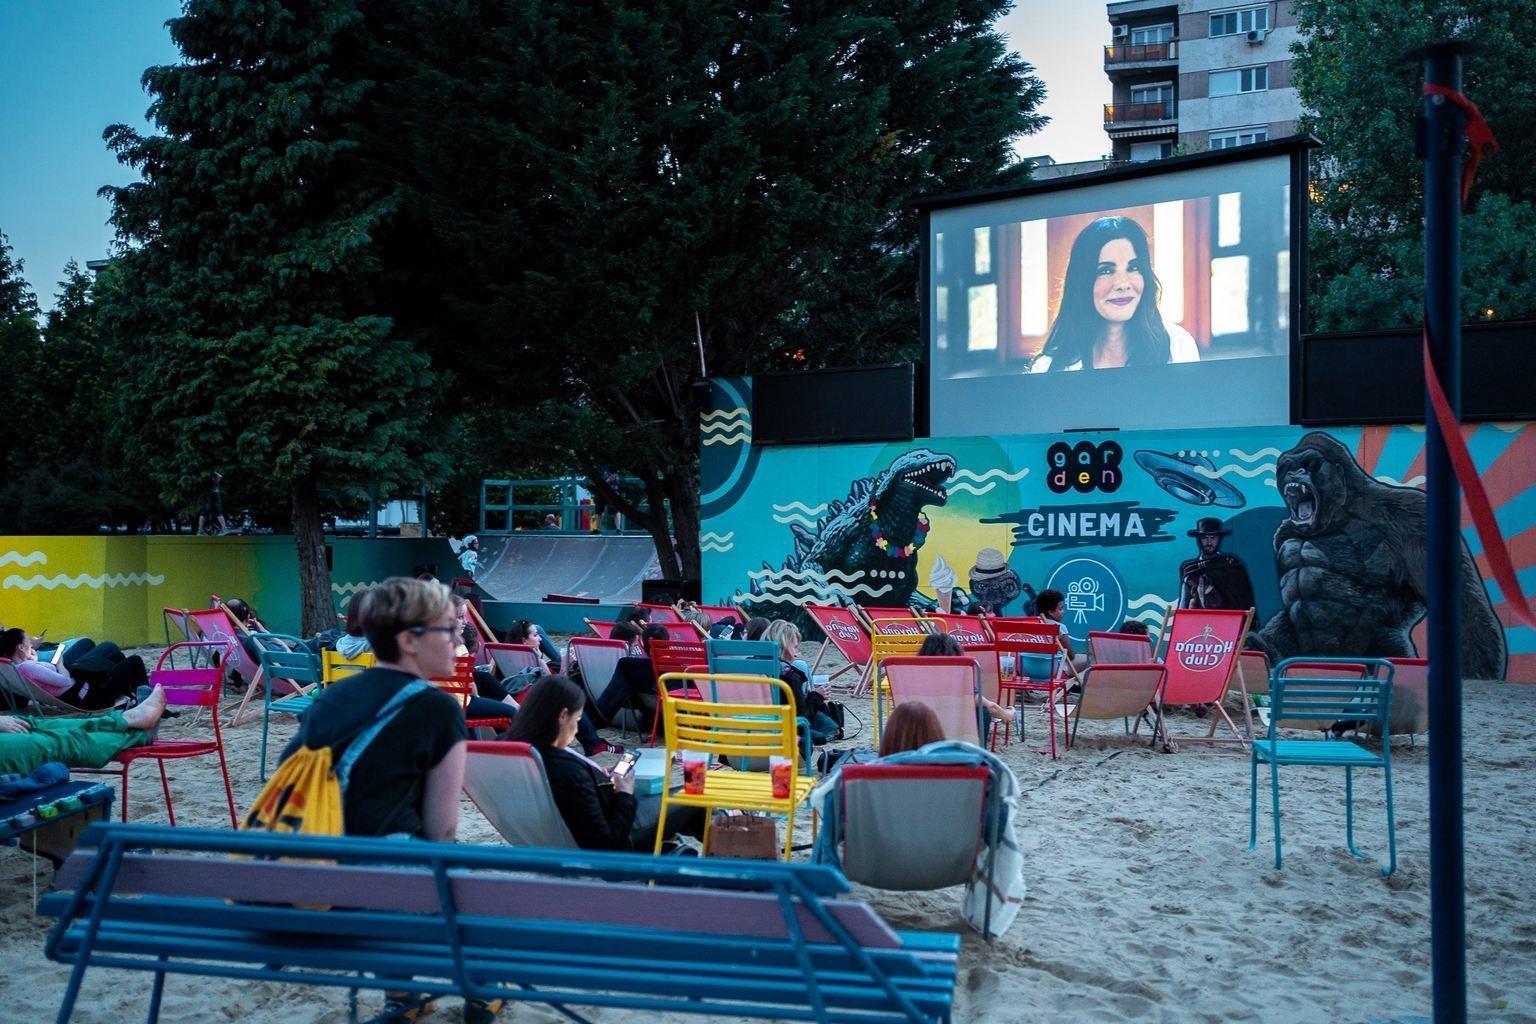 Garden cinema-budapest-movie